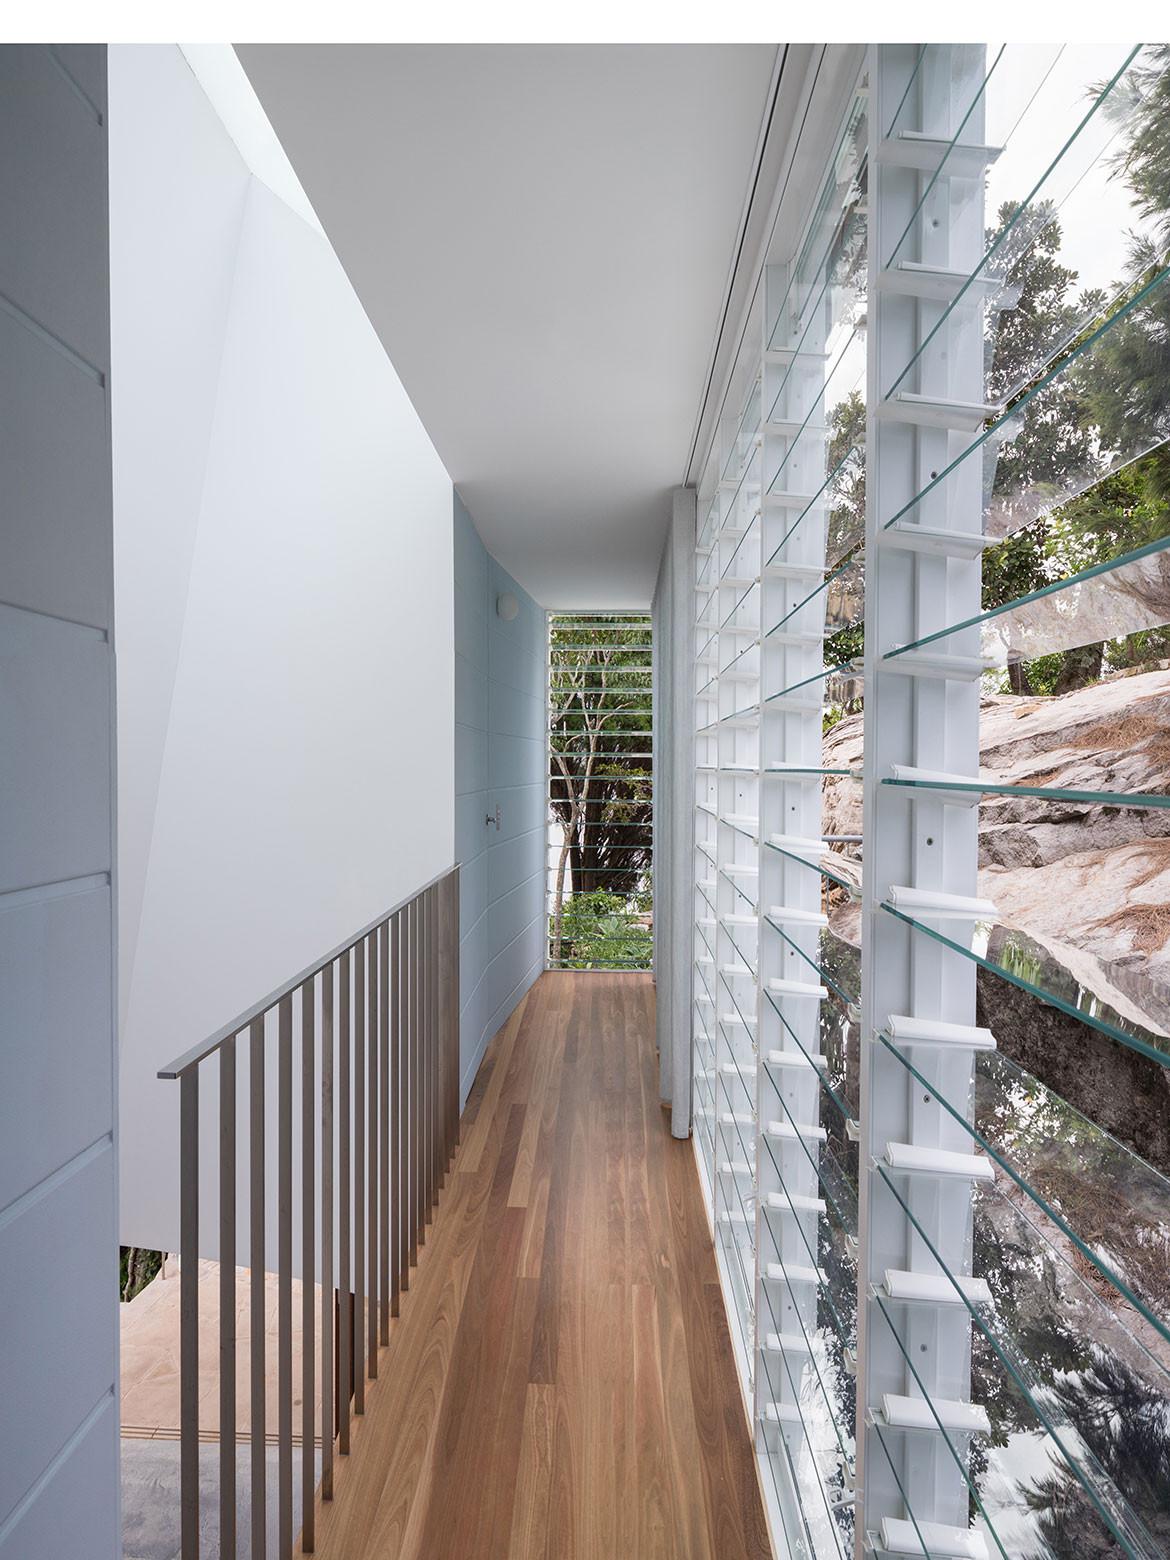 Conscious Architecture